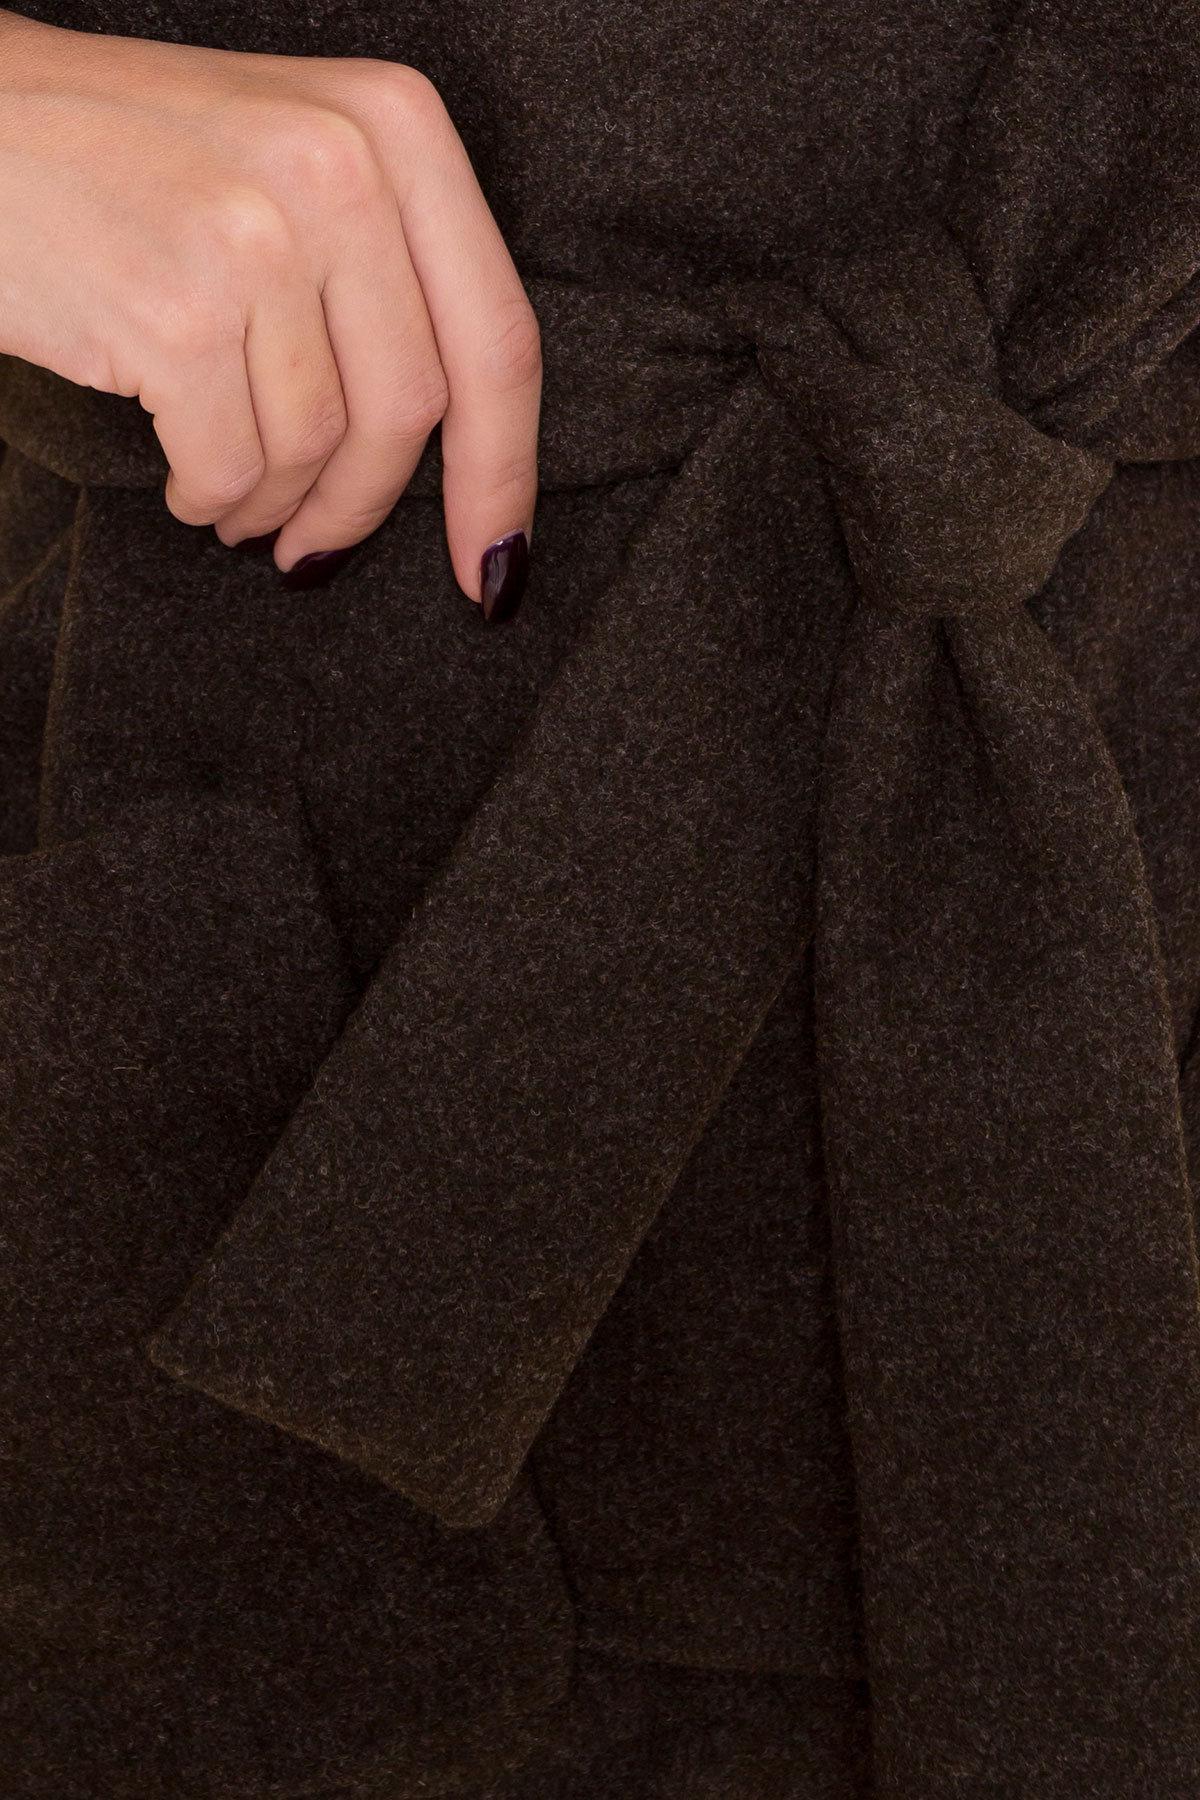 Теплое зимнее пальто Анита 4122 АРТ. 39666 Цвет: Хаки 16 - фото 6, интернет магазин tm-modus.ru